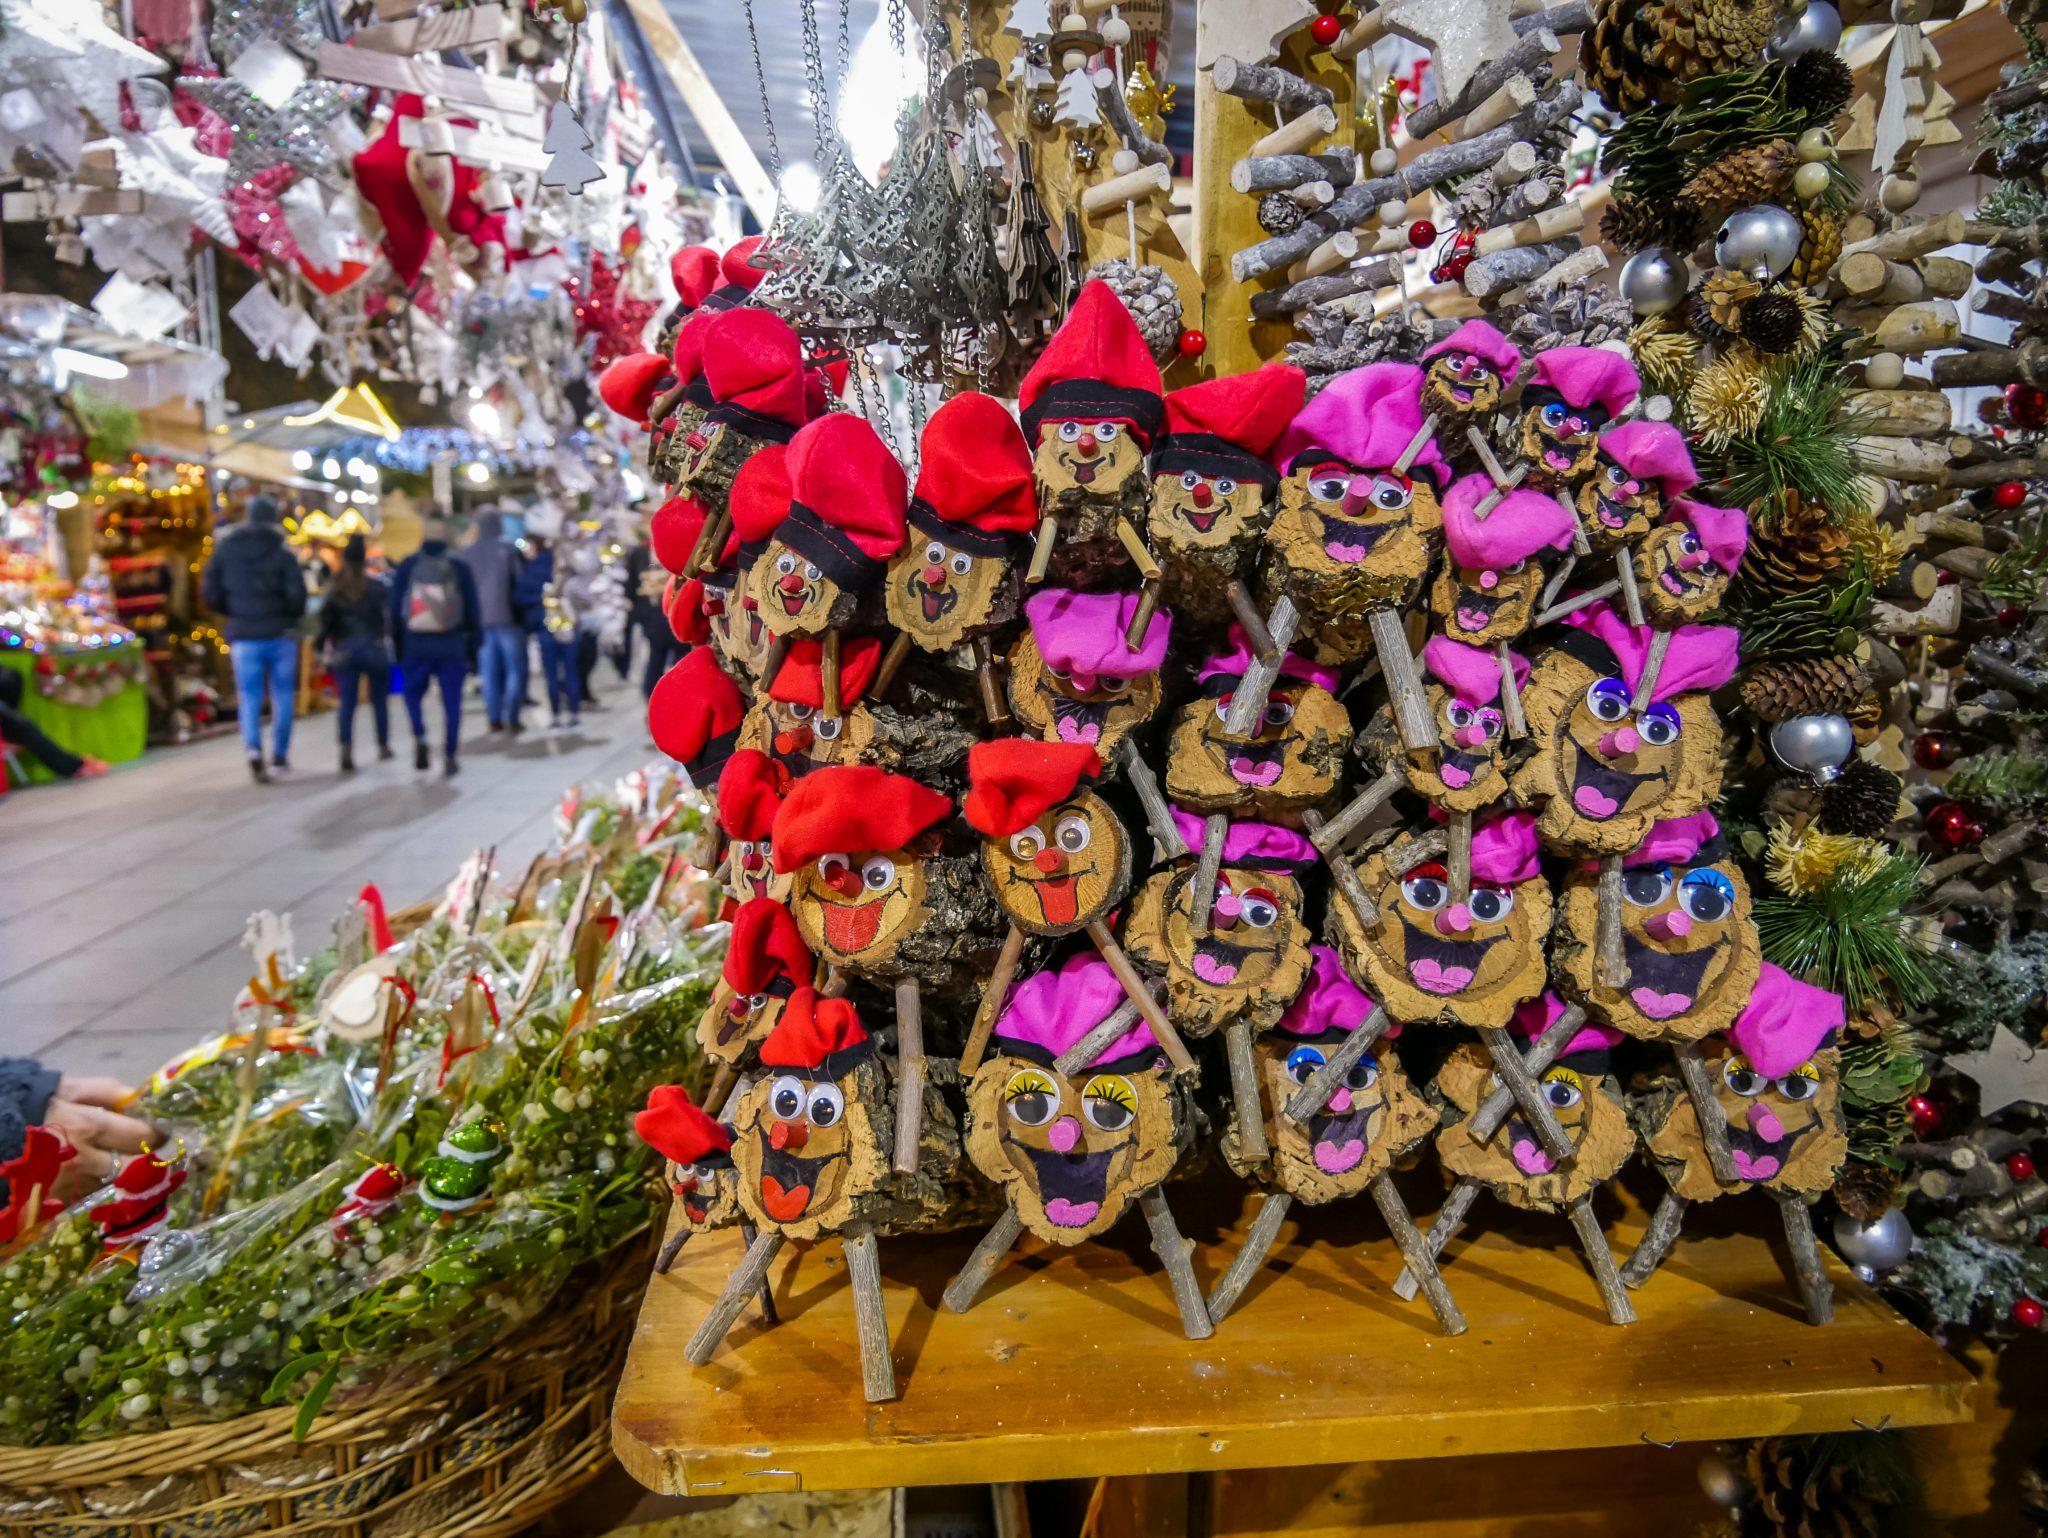 Auf dem Weihnachtsmarkt in Barcelona werden unzählige von diesen Tios angeboten.